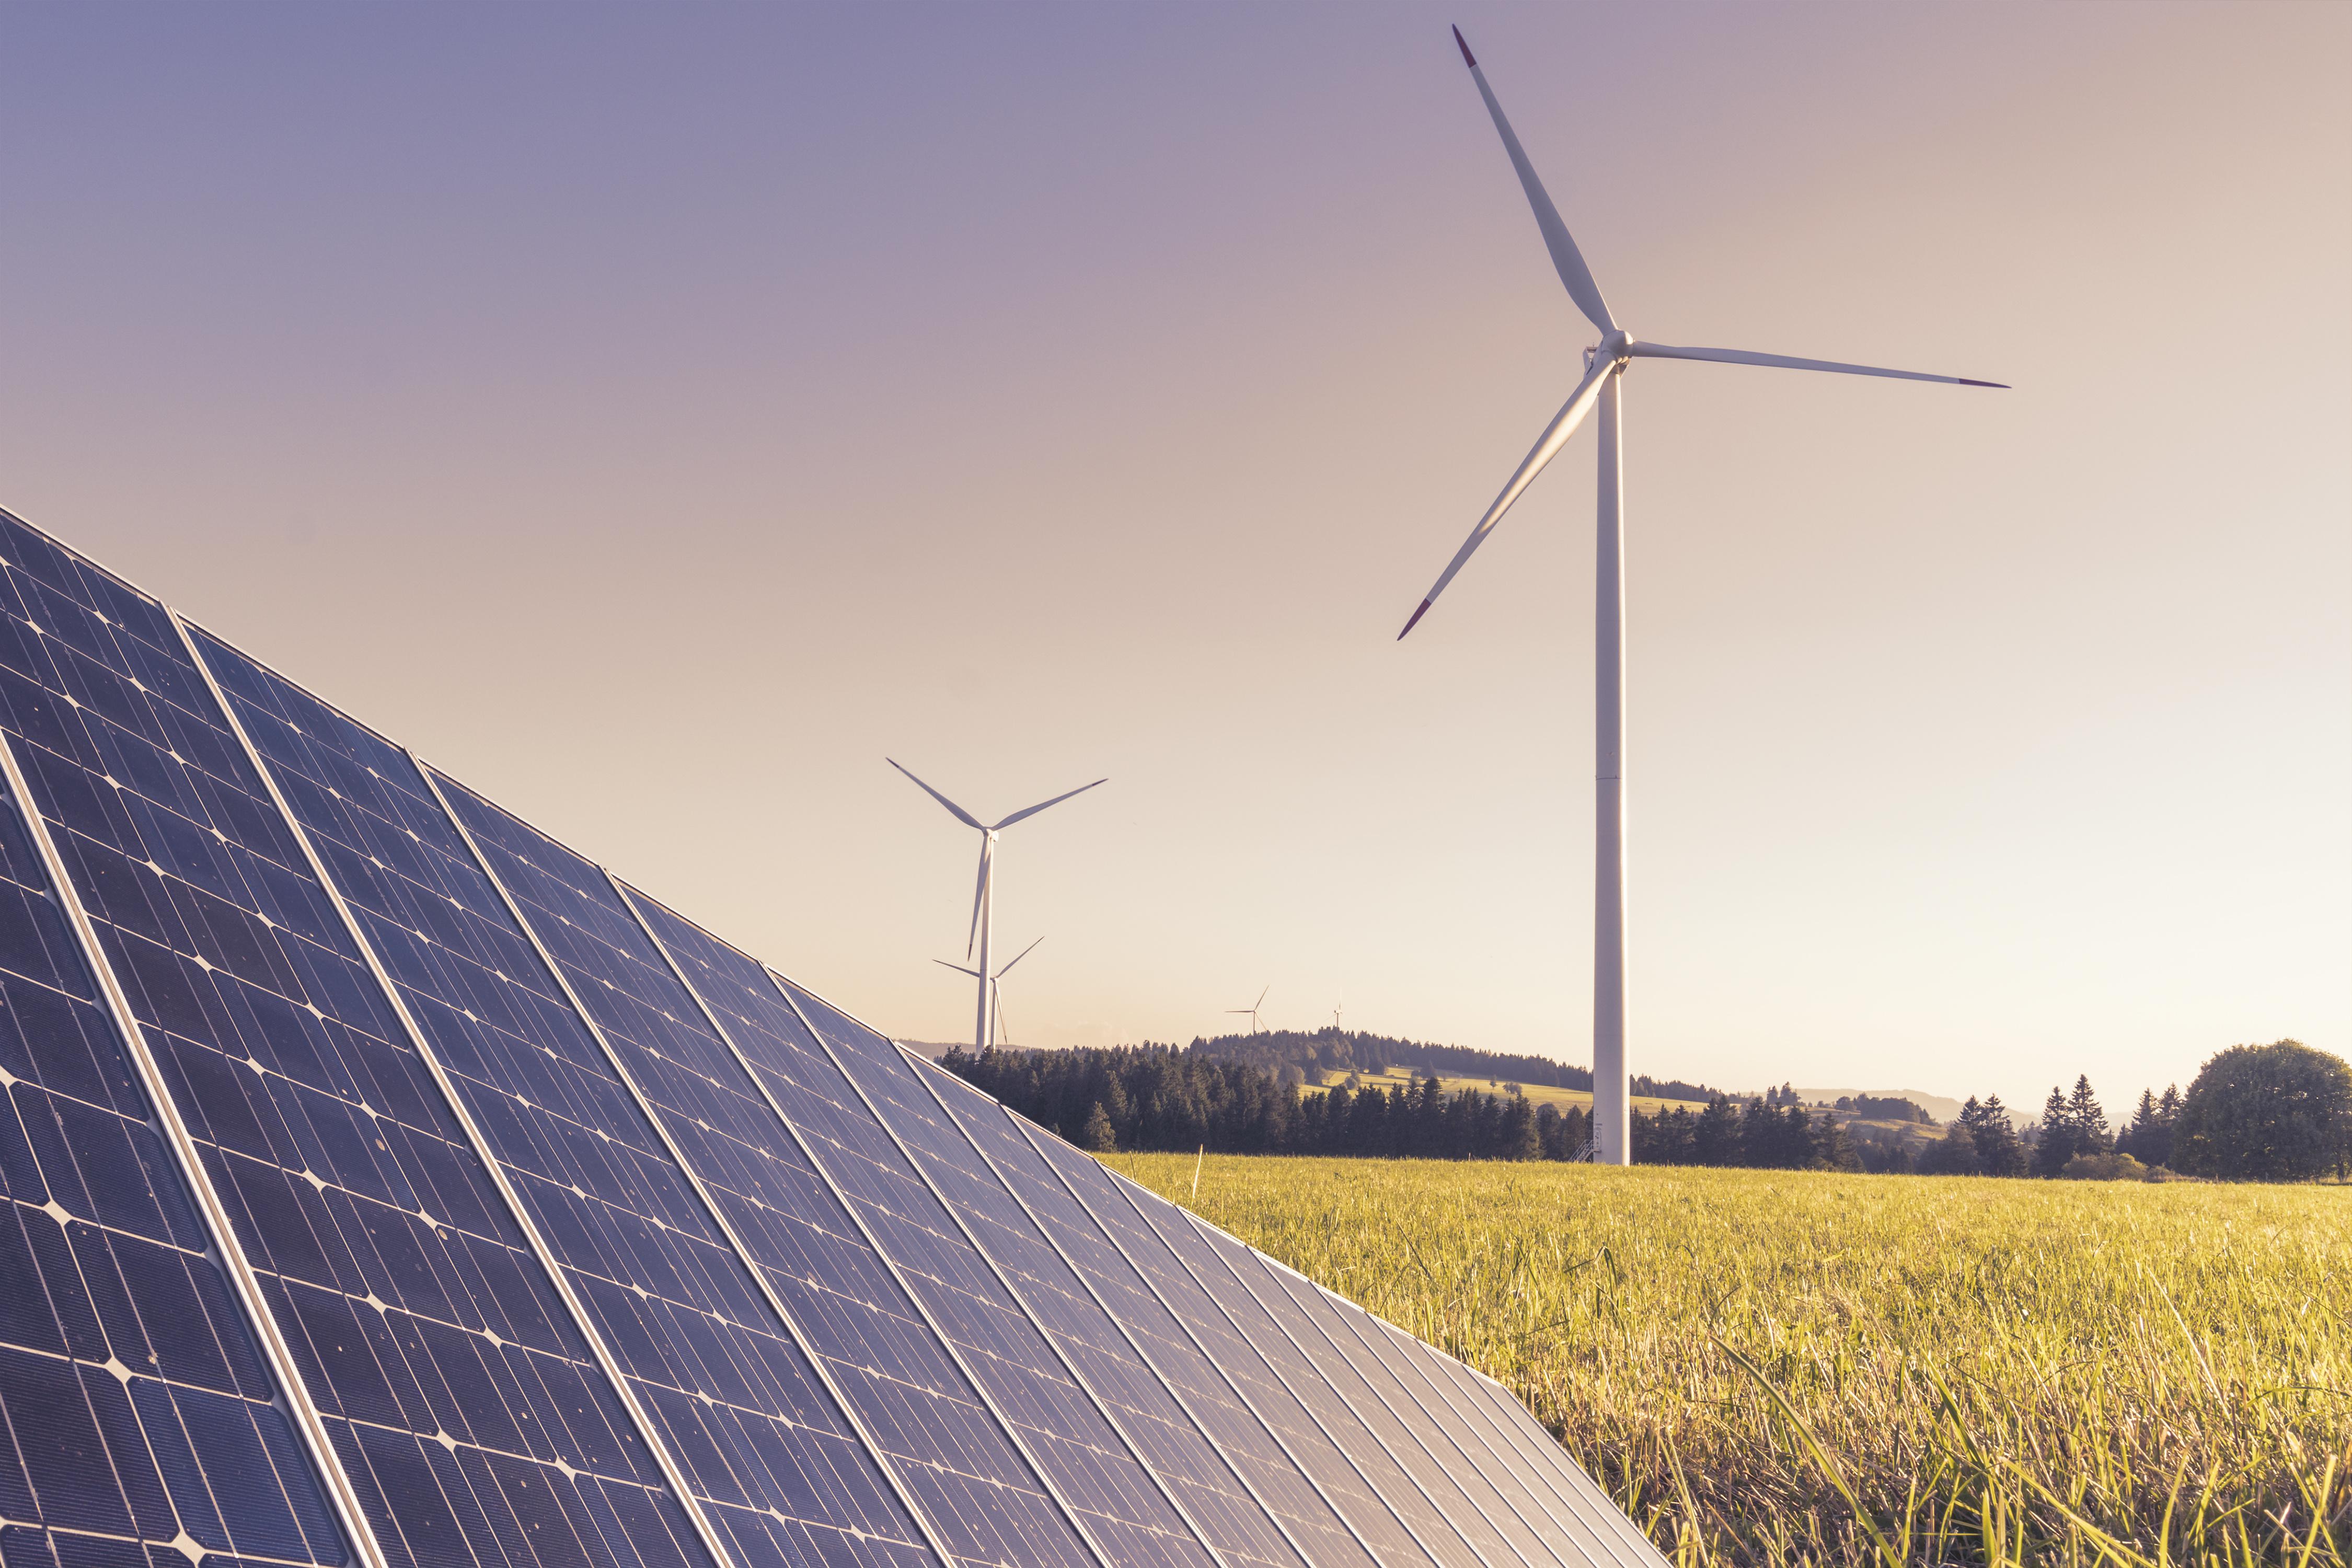 Technologie zur kologischen Energie Produktion im Abendlicht - Windkraftwerk und Solaranlage